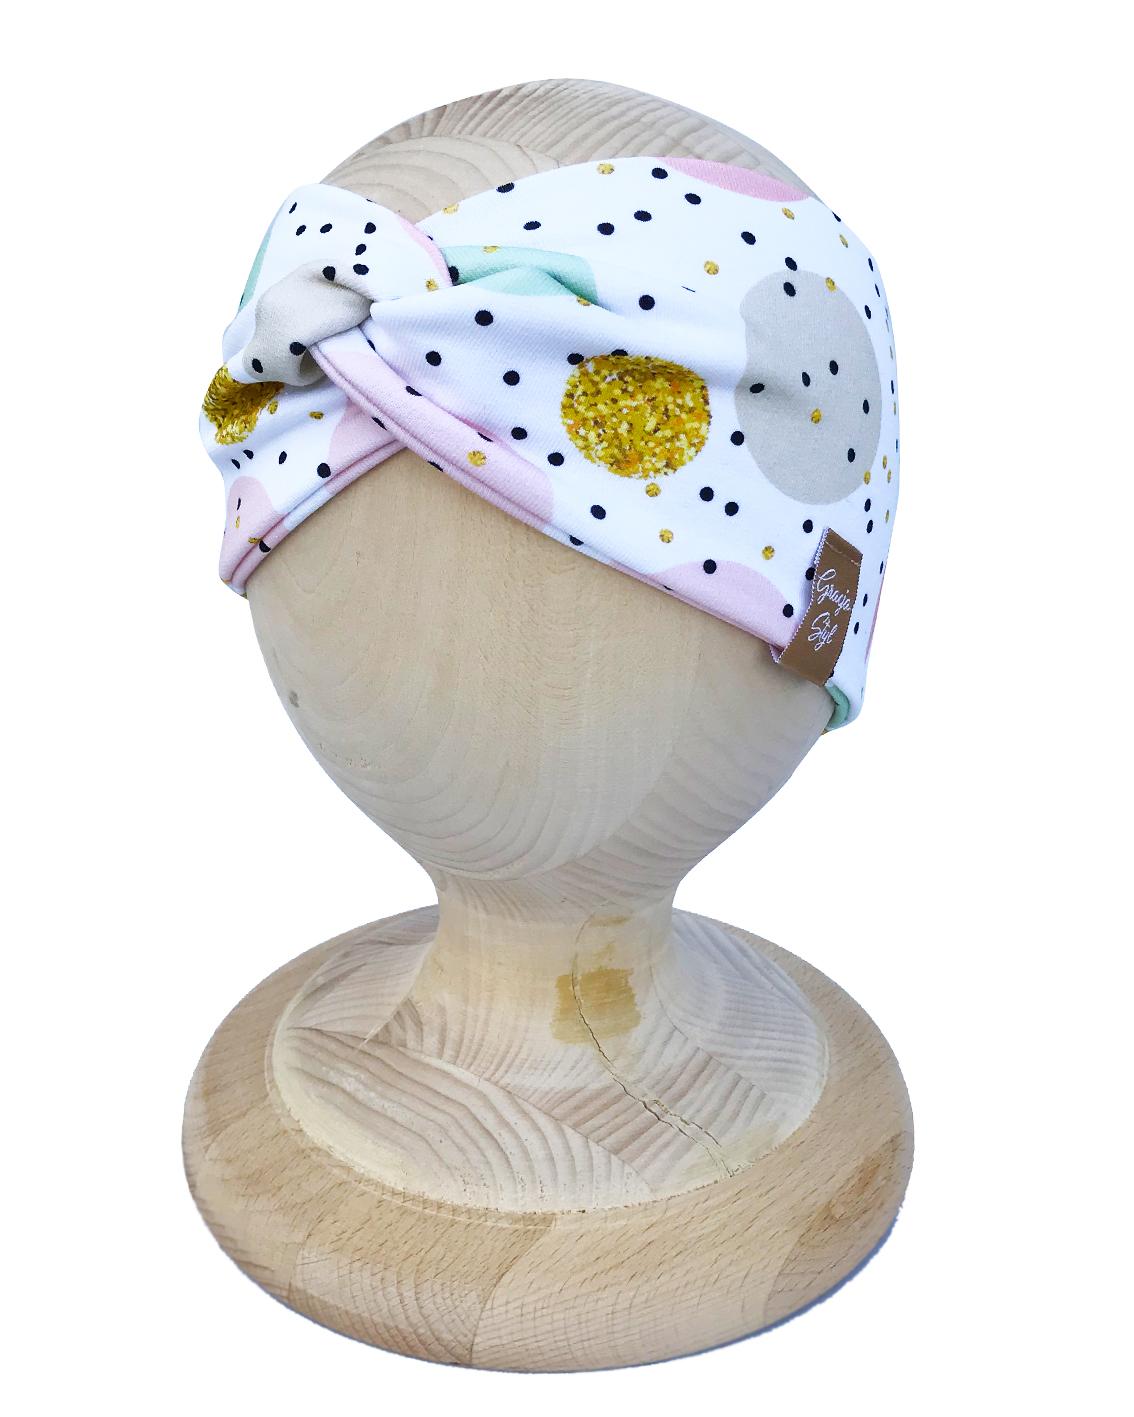 Opaska PRZEPLATANA piękna, efektowna ozdoba główki dla malucha jak i zarówno dla starszych dziewczynek. Wykonany z wysokiej jakości elastycznej dresówki idealne zarówno na upały oraz zimniejsze dni. Dzięki zastosowaniu wysokiej jakości dresówki oraz domieszce elastanu dzianina dobrze się układa, zapobiega przesunięciu się a co za tym idzie w trakcie użytkowania nie zsuwa się z USZÓW. Absolutny must have sezonu.